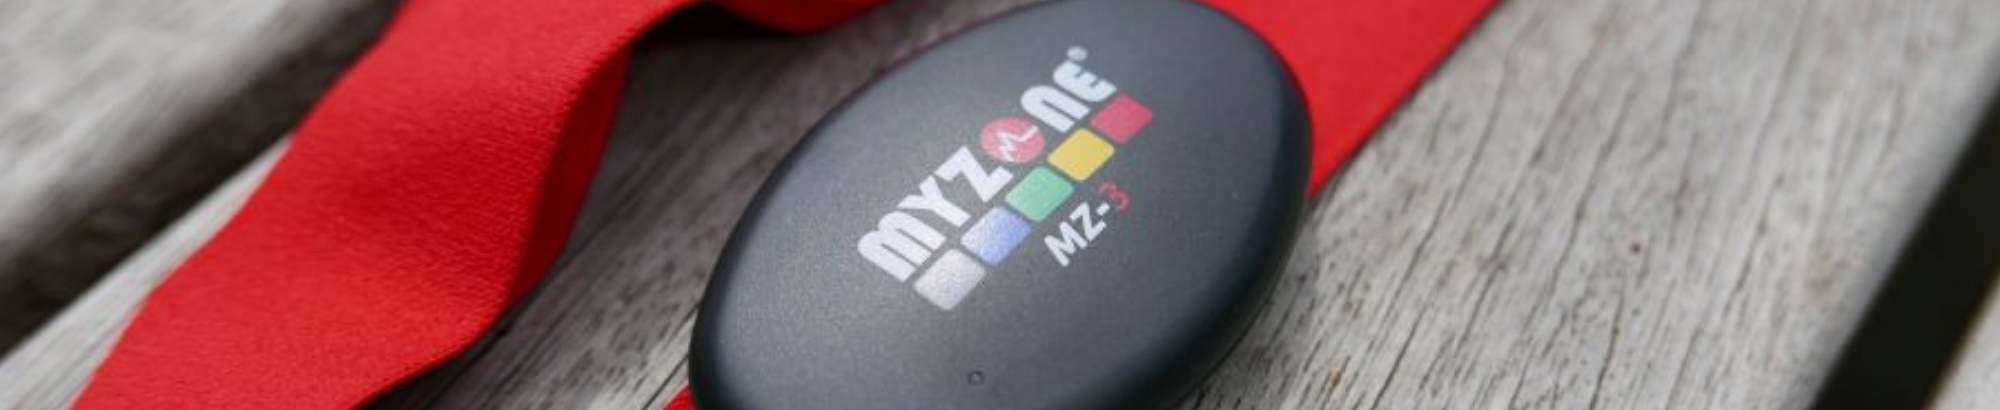 270319 jb myzone 2000x410